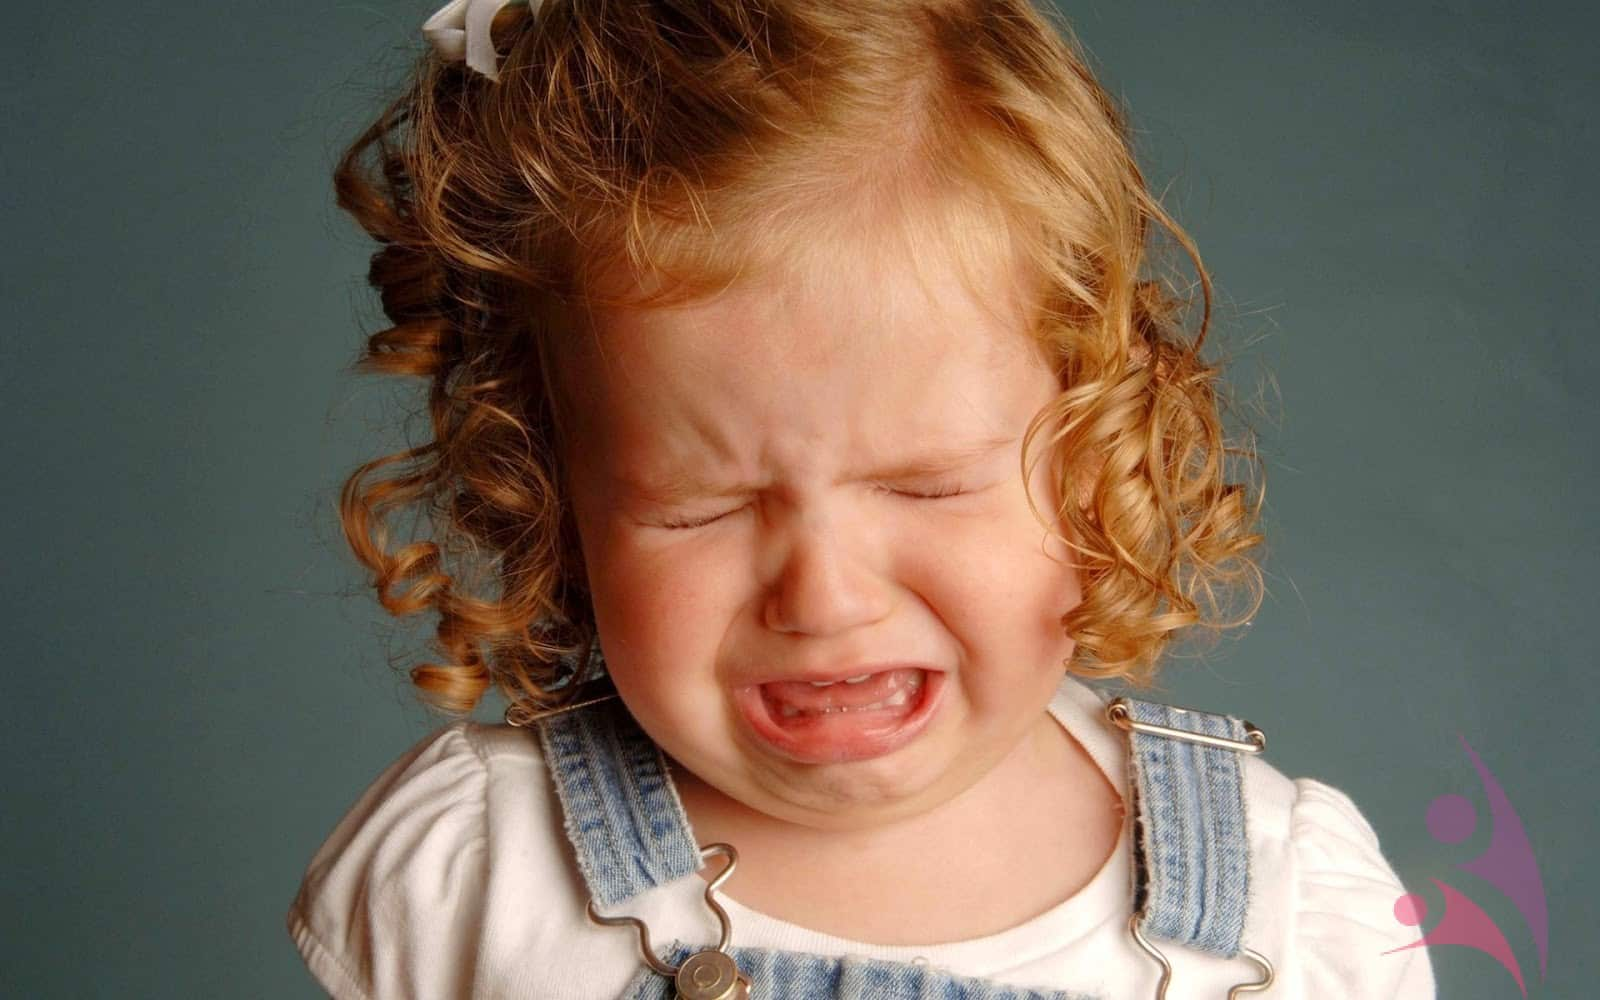 Ağlayan çocuk Için Anne Baba Ne Yapmalıdır Ipuçları çocuk Ve Genç